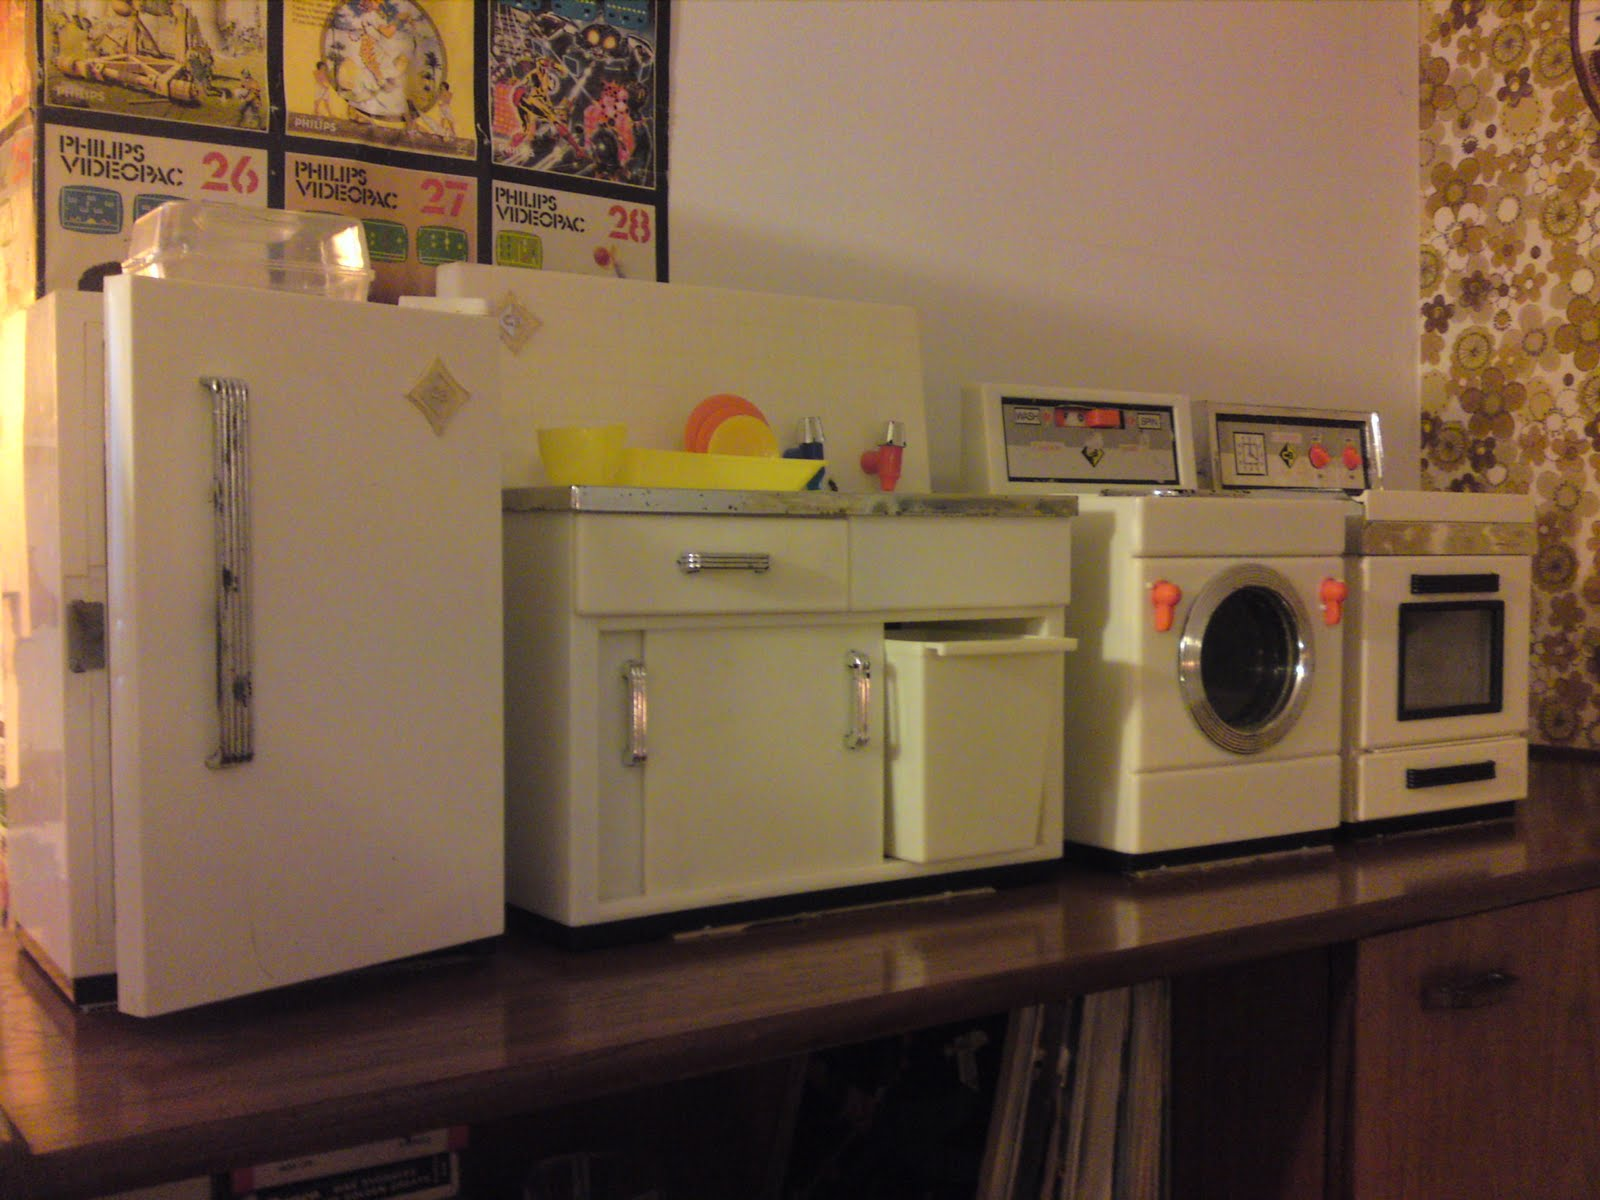 best of 1950s kitchen appliances home design lovely 1970s kitchen appliances   taste  rh   thetasteemaker com